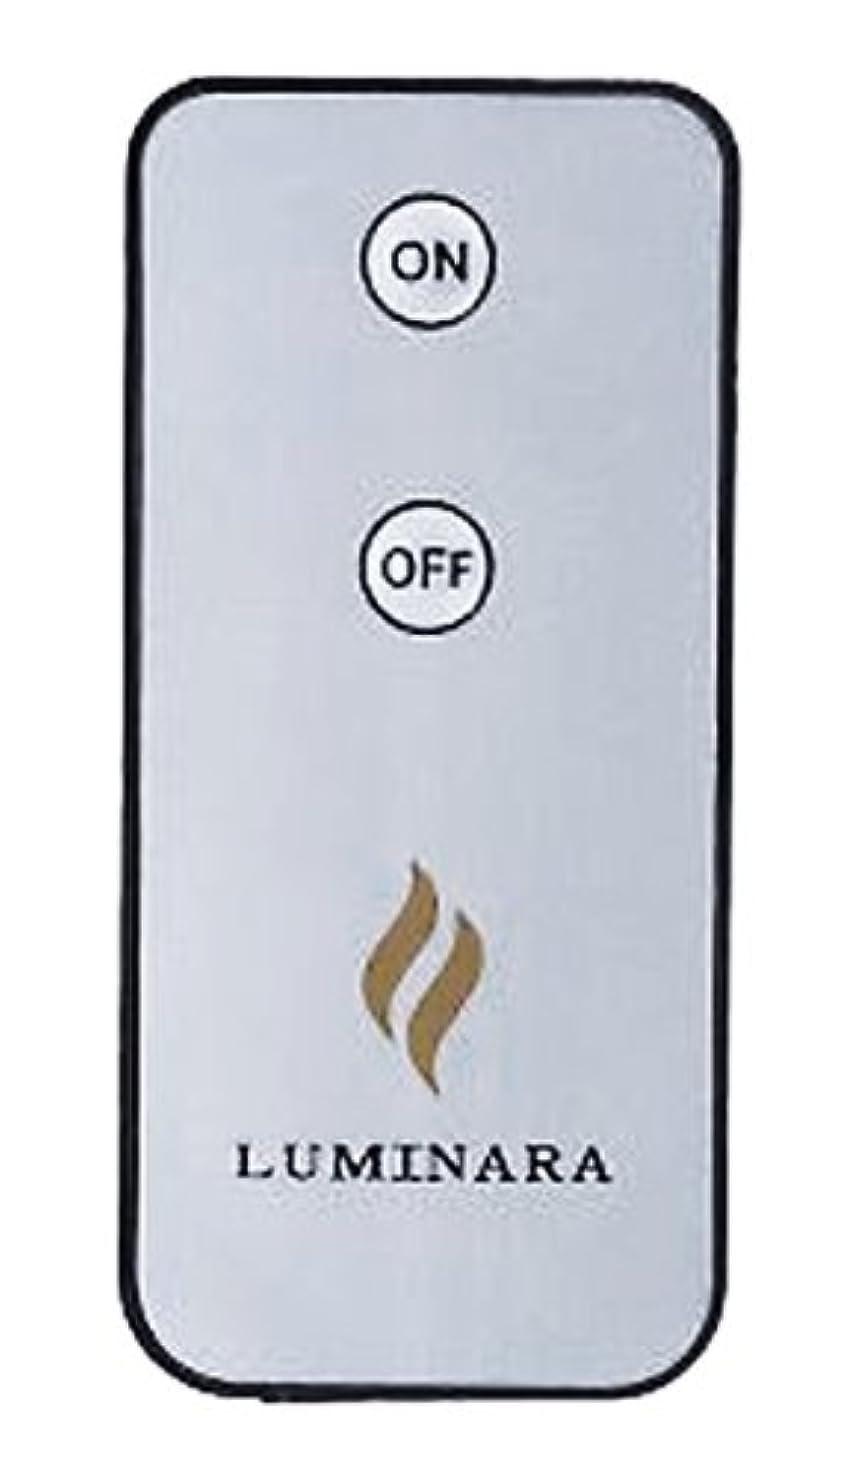 あなたはうれしい補うLUMINARA(ルミナラ)リモコン【ピラー専用】 03040000